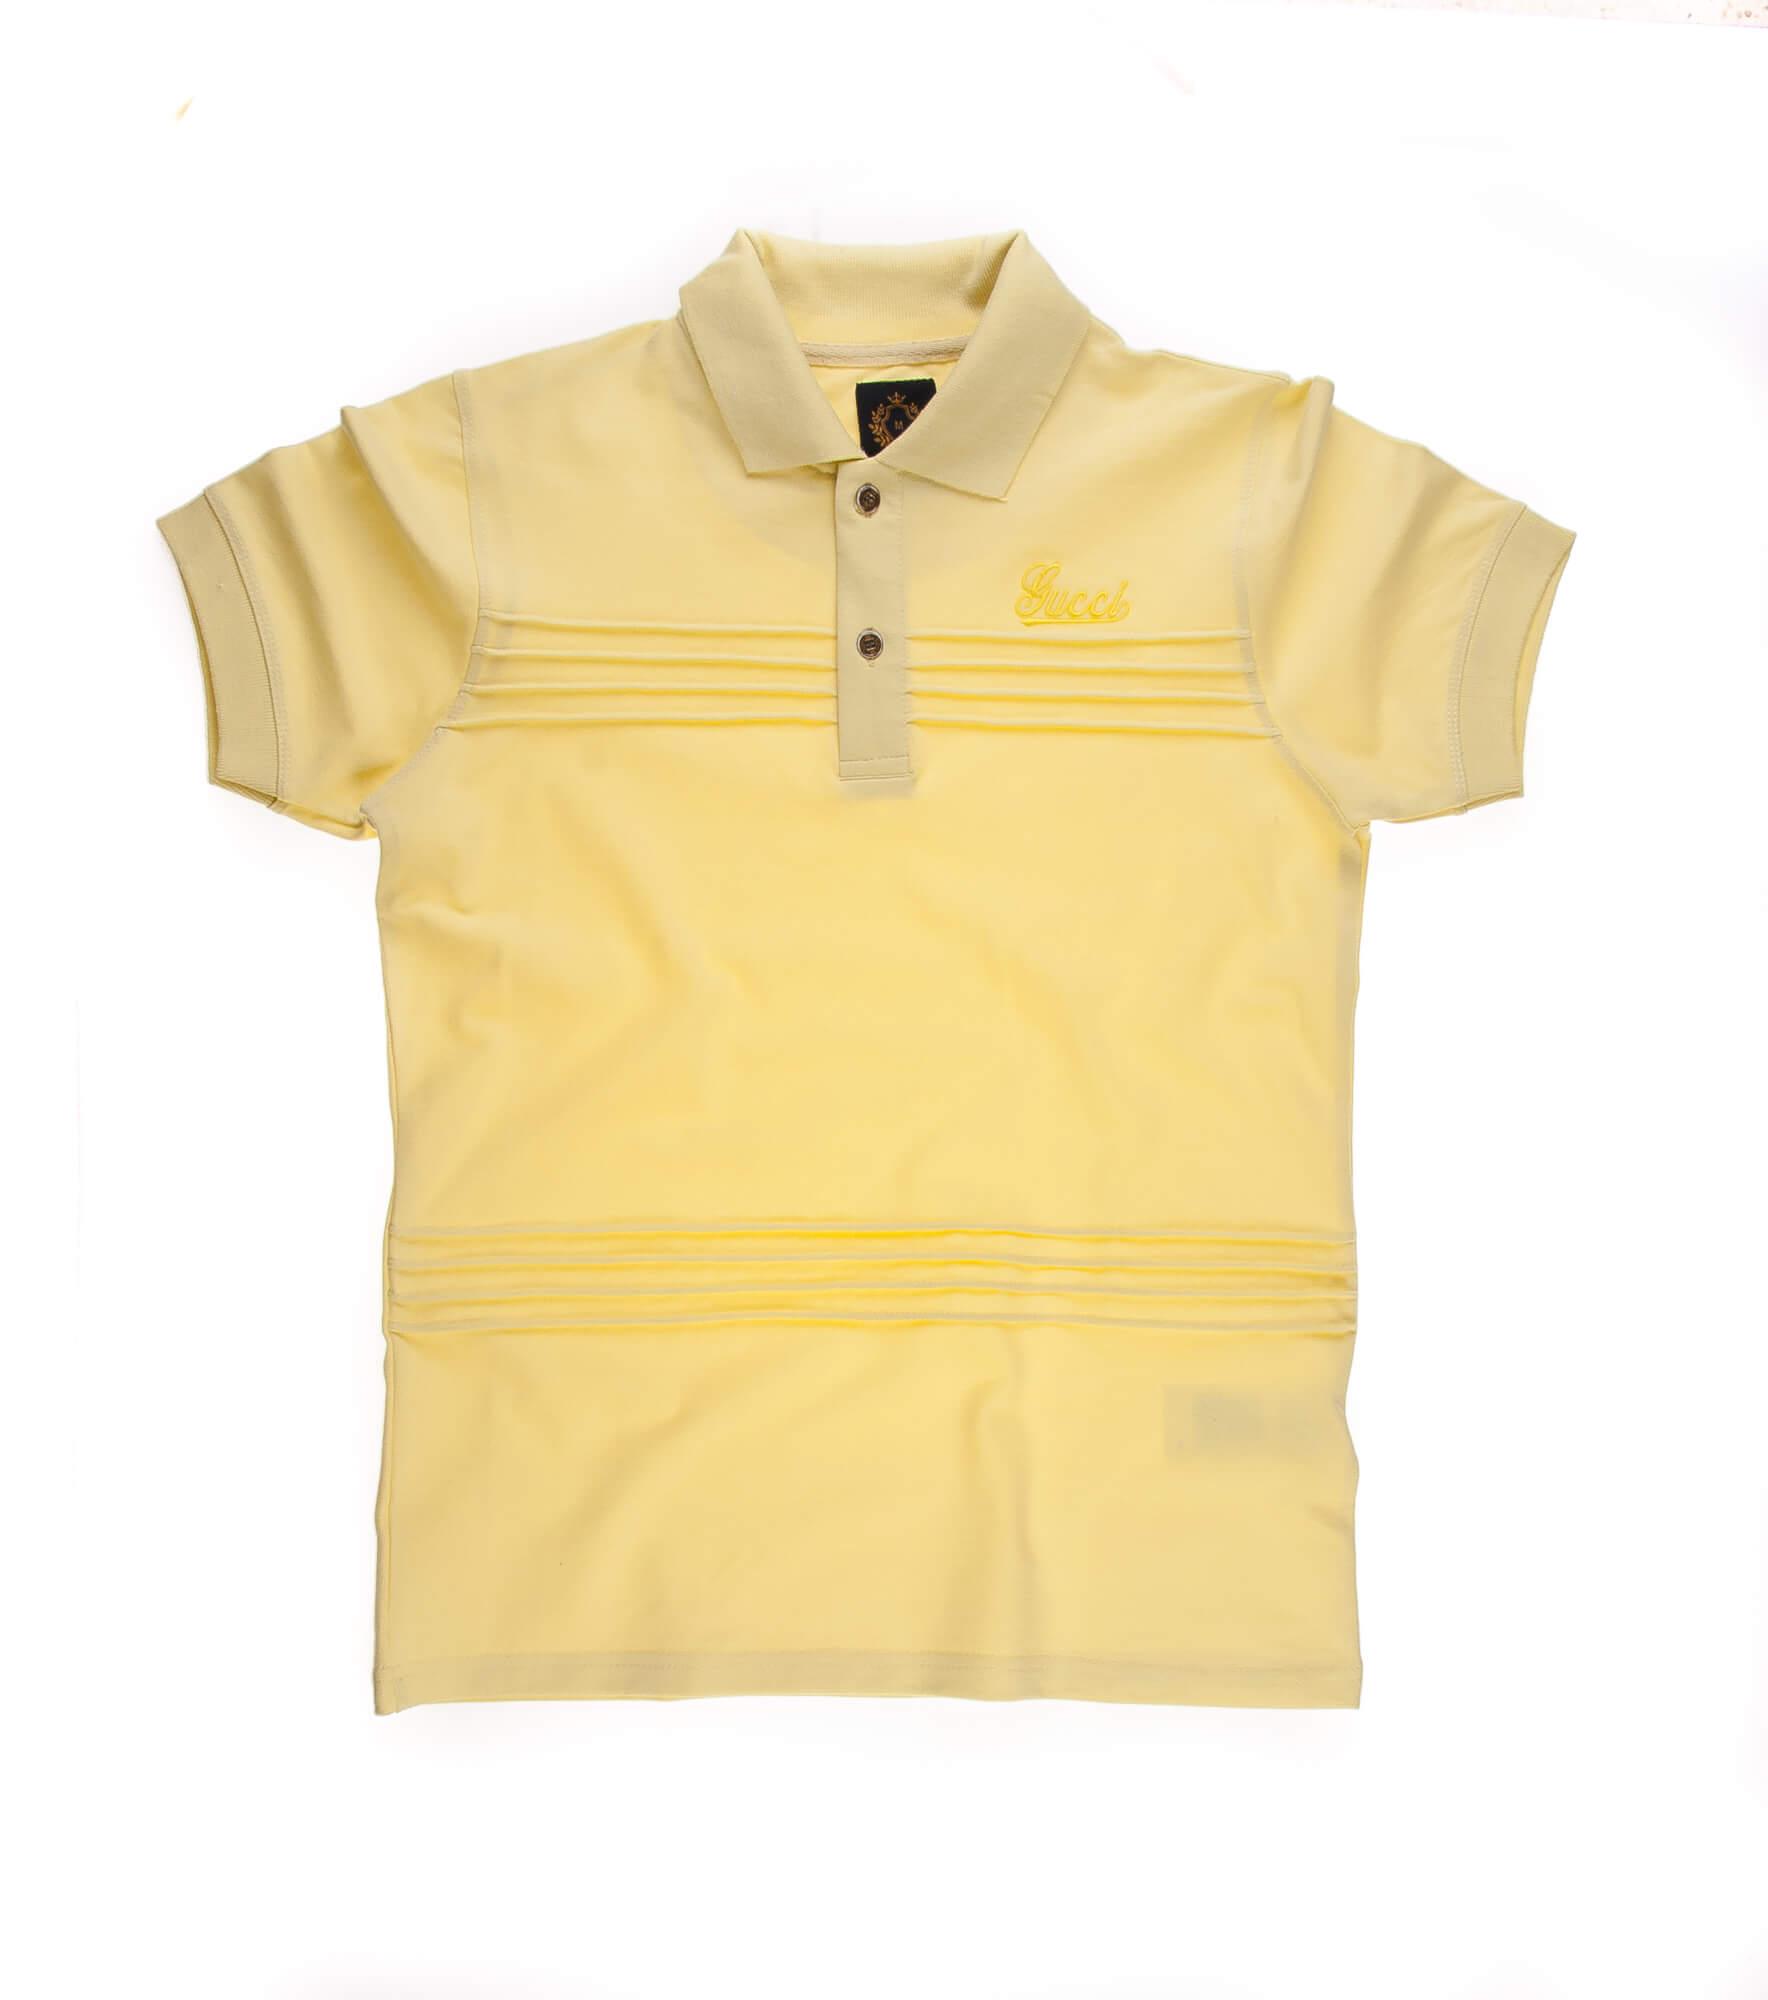 تی شرت یقه دار مردانه طرح PS1003 – GUCCI